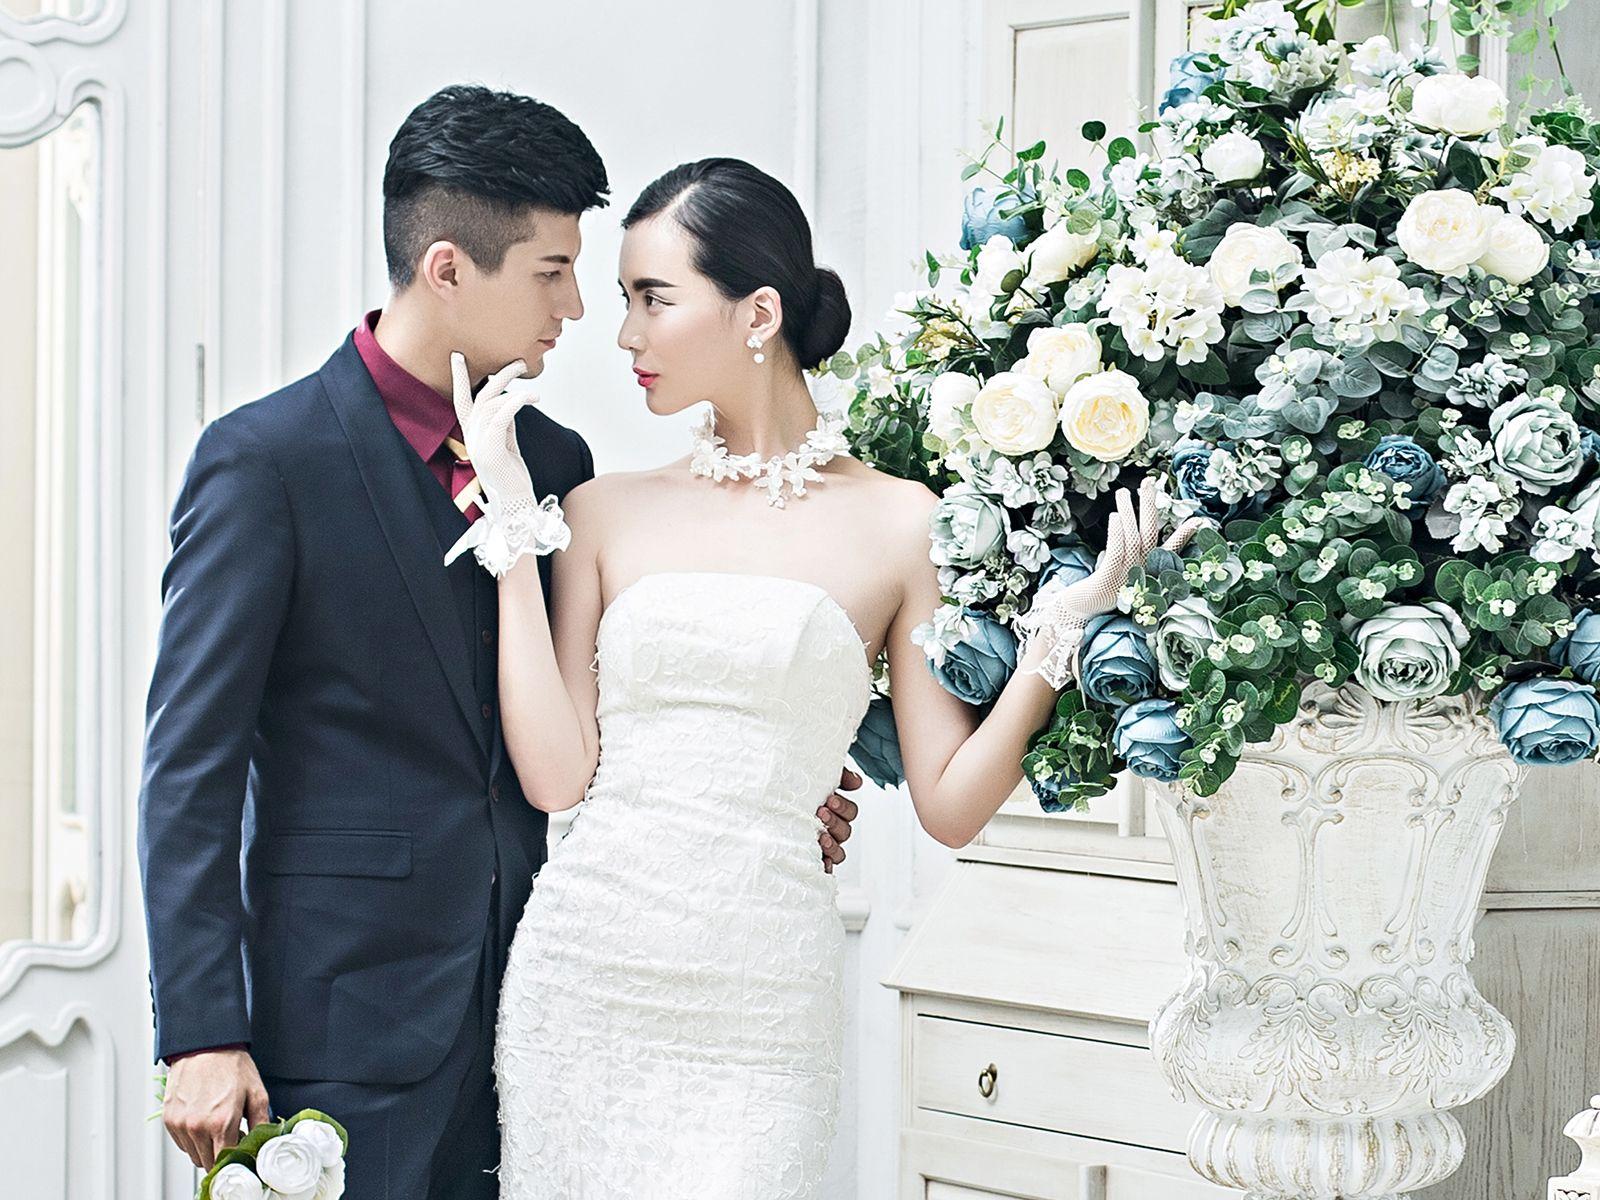 千寻婚纱摄影